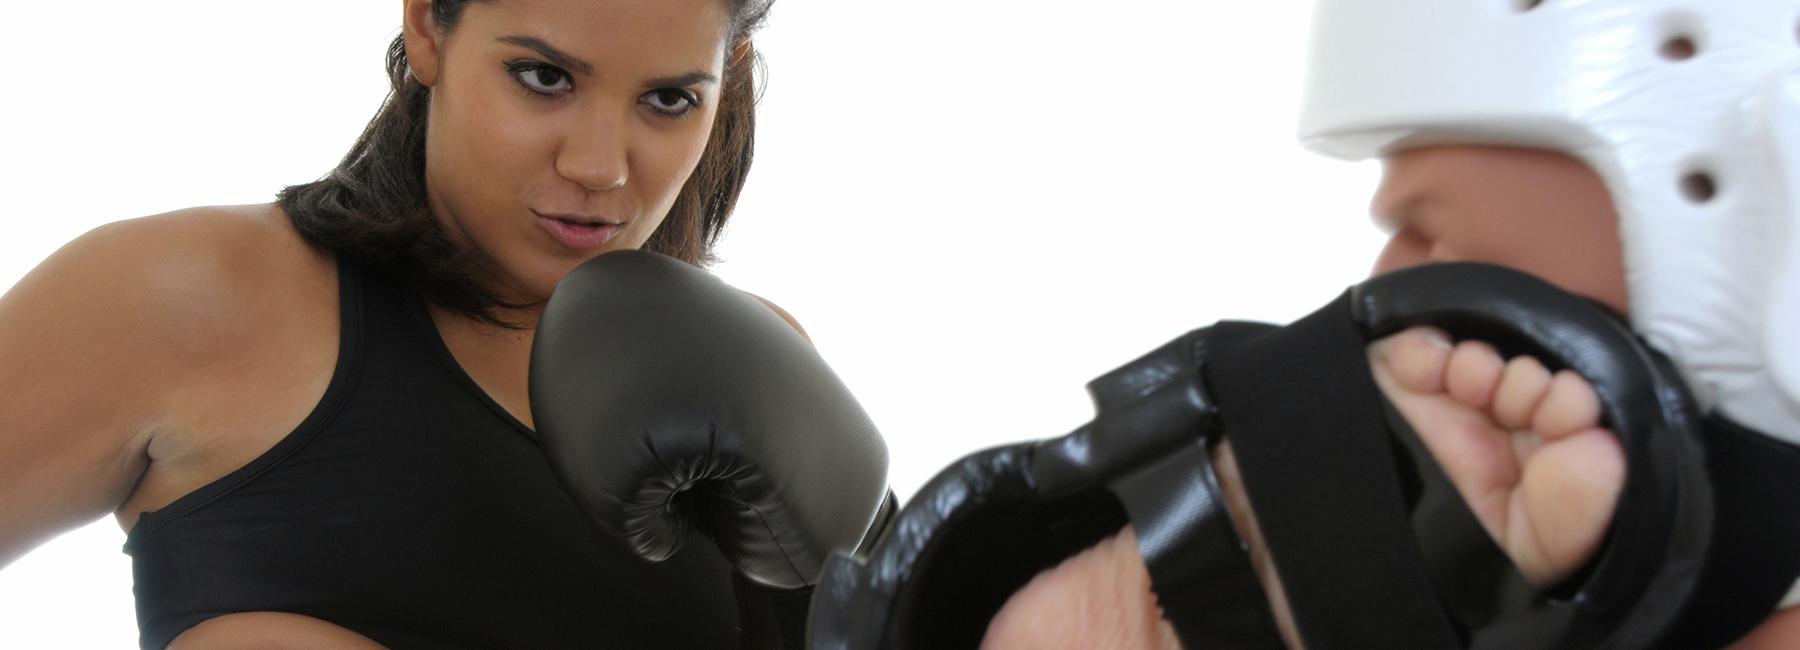 Bei Bodywerkstatt Starnberg erlernen Sie Kickboxen.